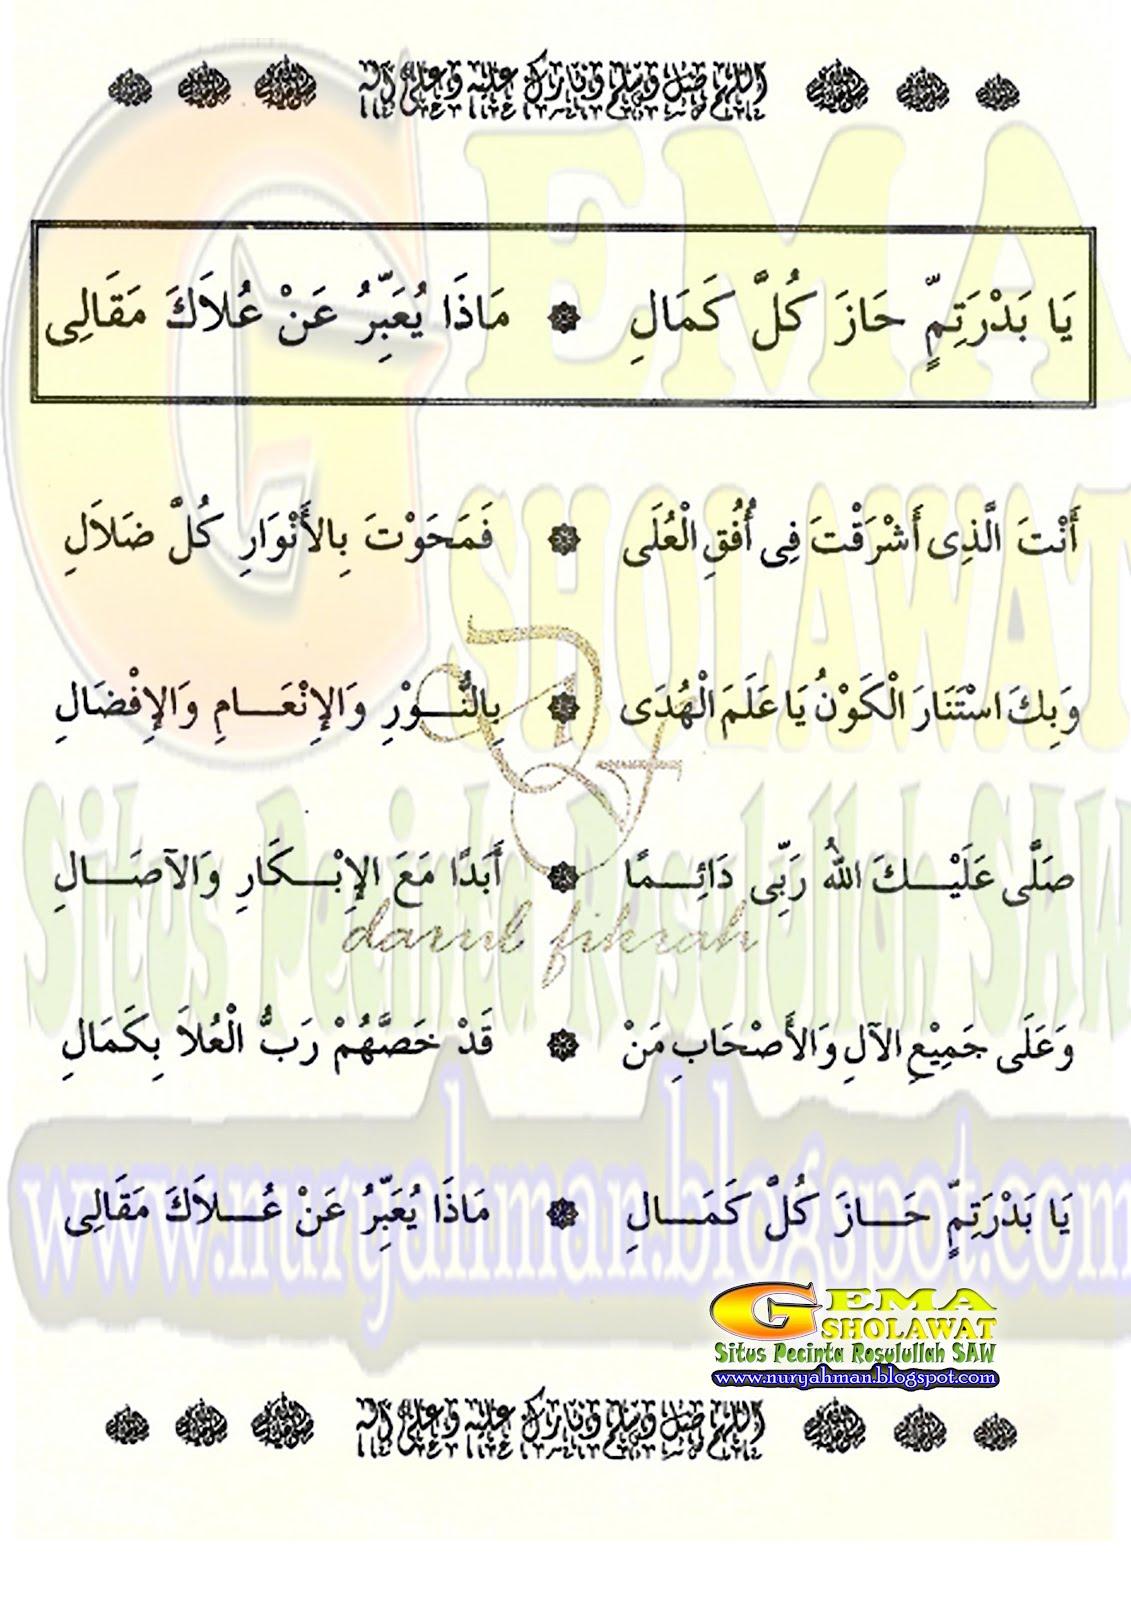 Lirik Ya Badrotim : lirik, badrotim, Firqah, Shaleha, Al-Wardah, ♥♥♥♥♥♥, Badratim, ♥♥♥, Sholatun, Bissalamil, Mubin